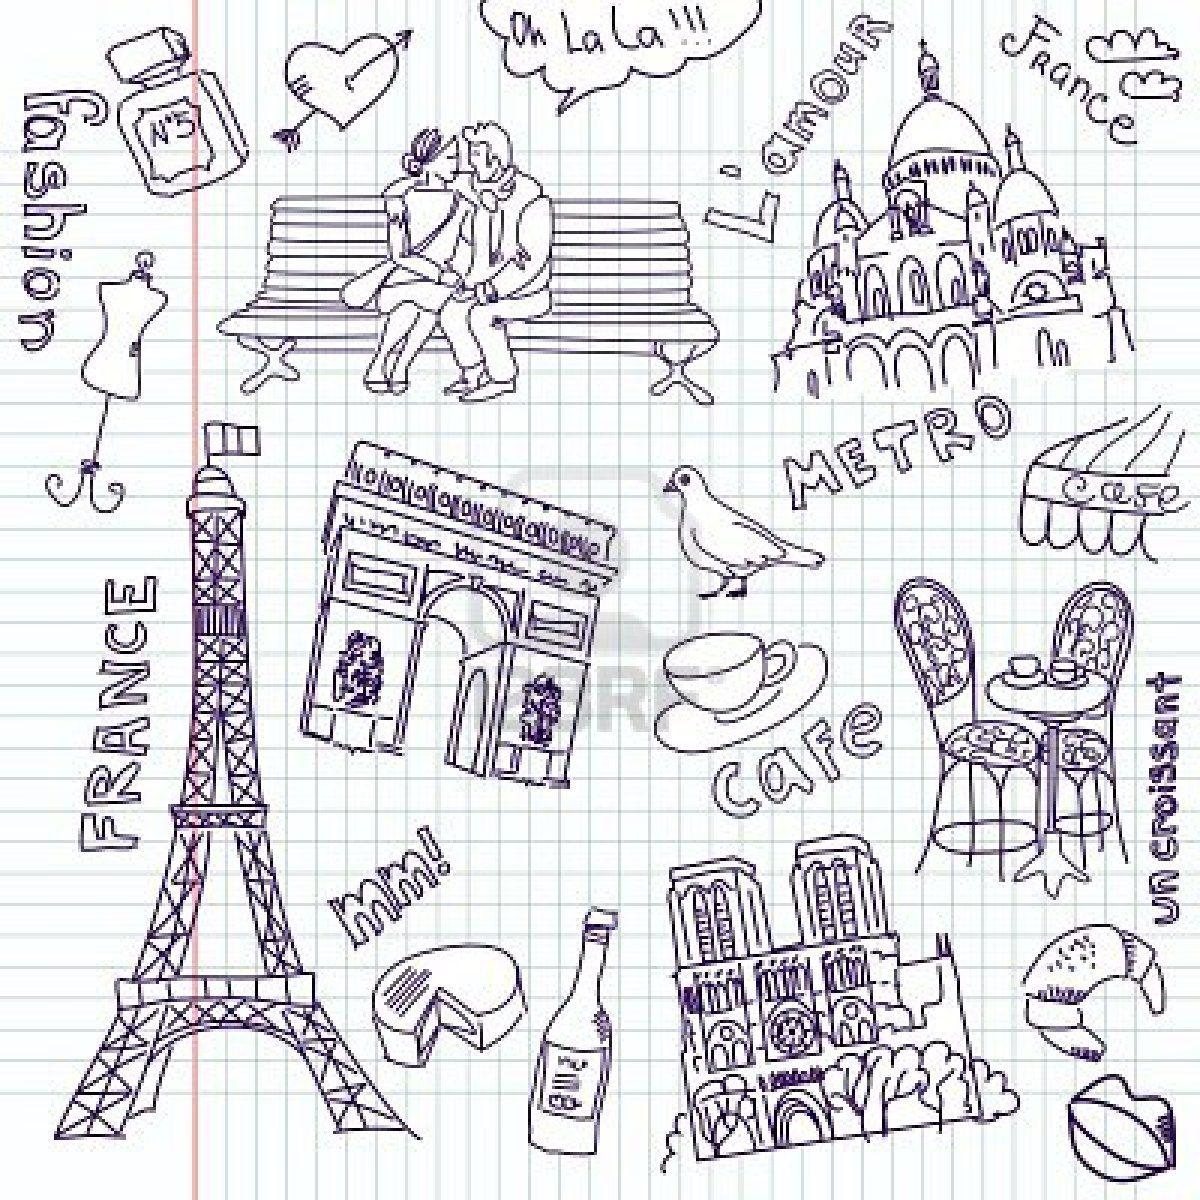 Pin Van Meena Anand Op Paris Magnifique Parijs Tekening Doodle Ideeen Krabbel Kunst Tekeningen